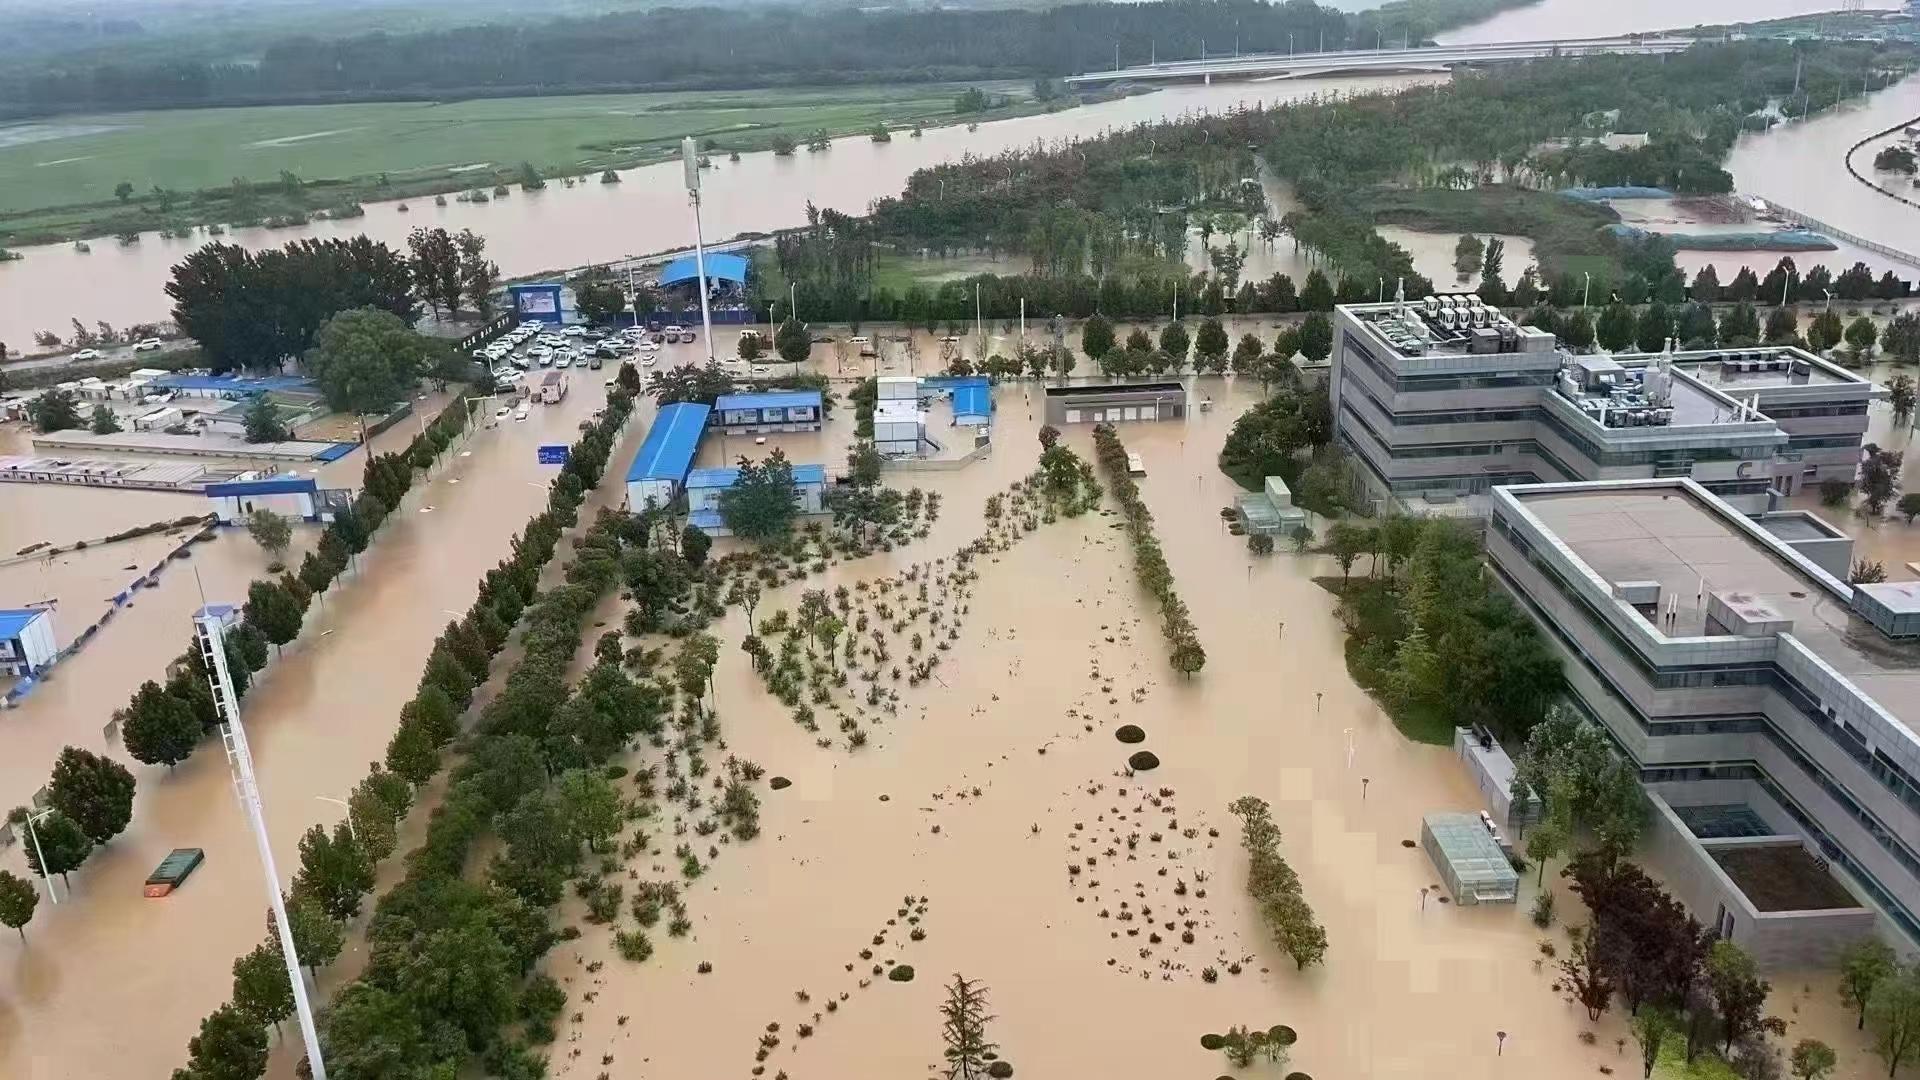 风雨同舟 共克时艰,河南国威酒业捐赠50000元助力郑州抗洪救灾